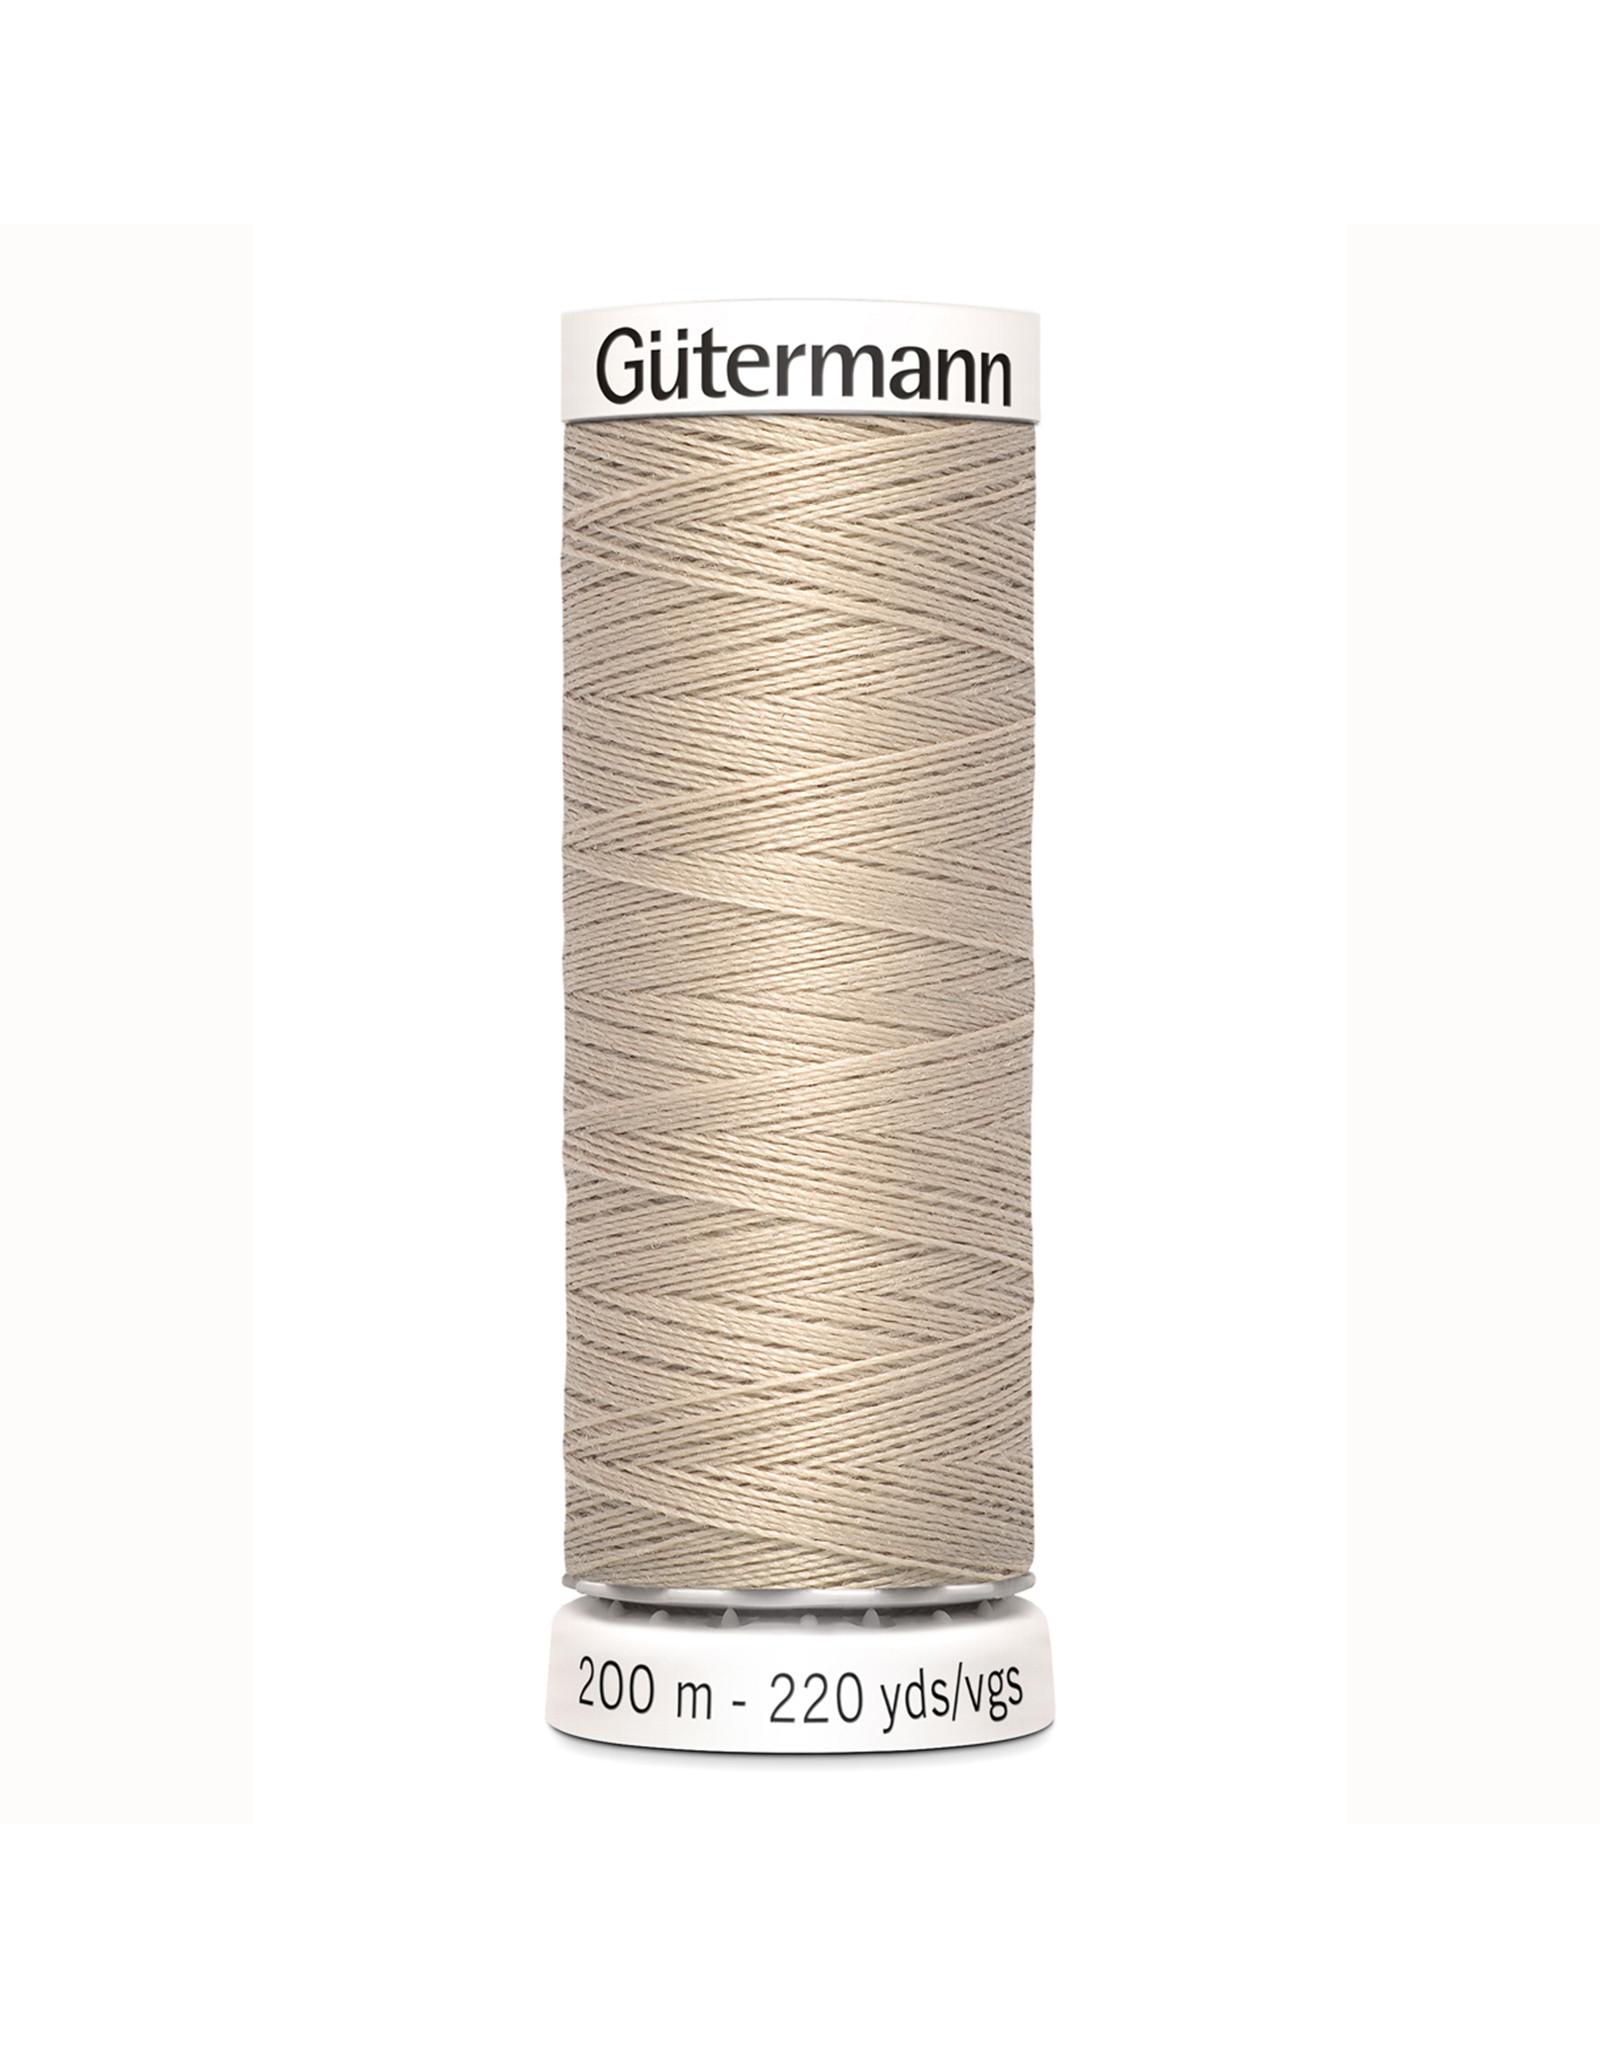 Gütermann Gütermann Nähgarn 200 m - nr 722